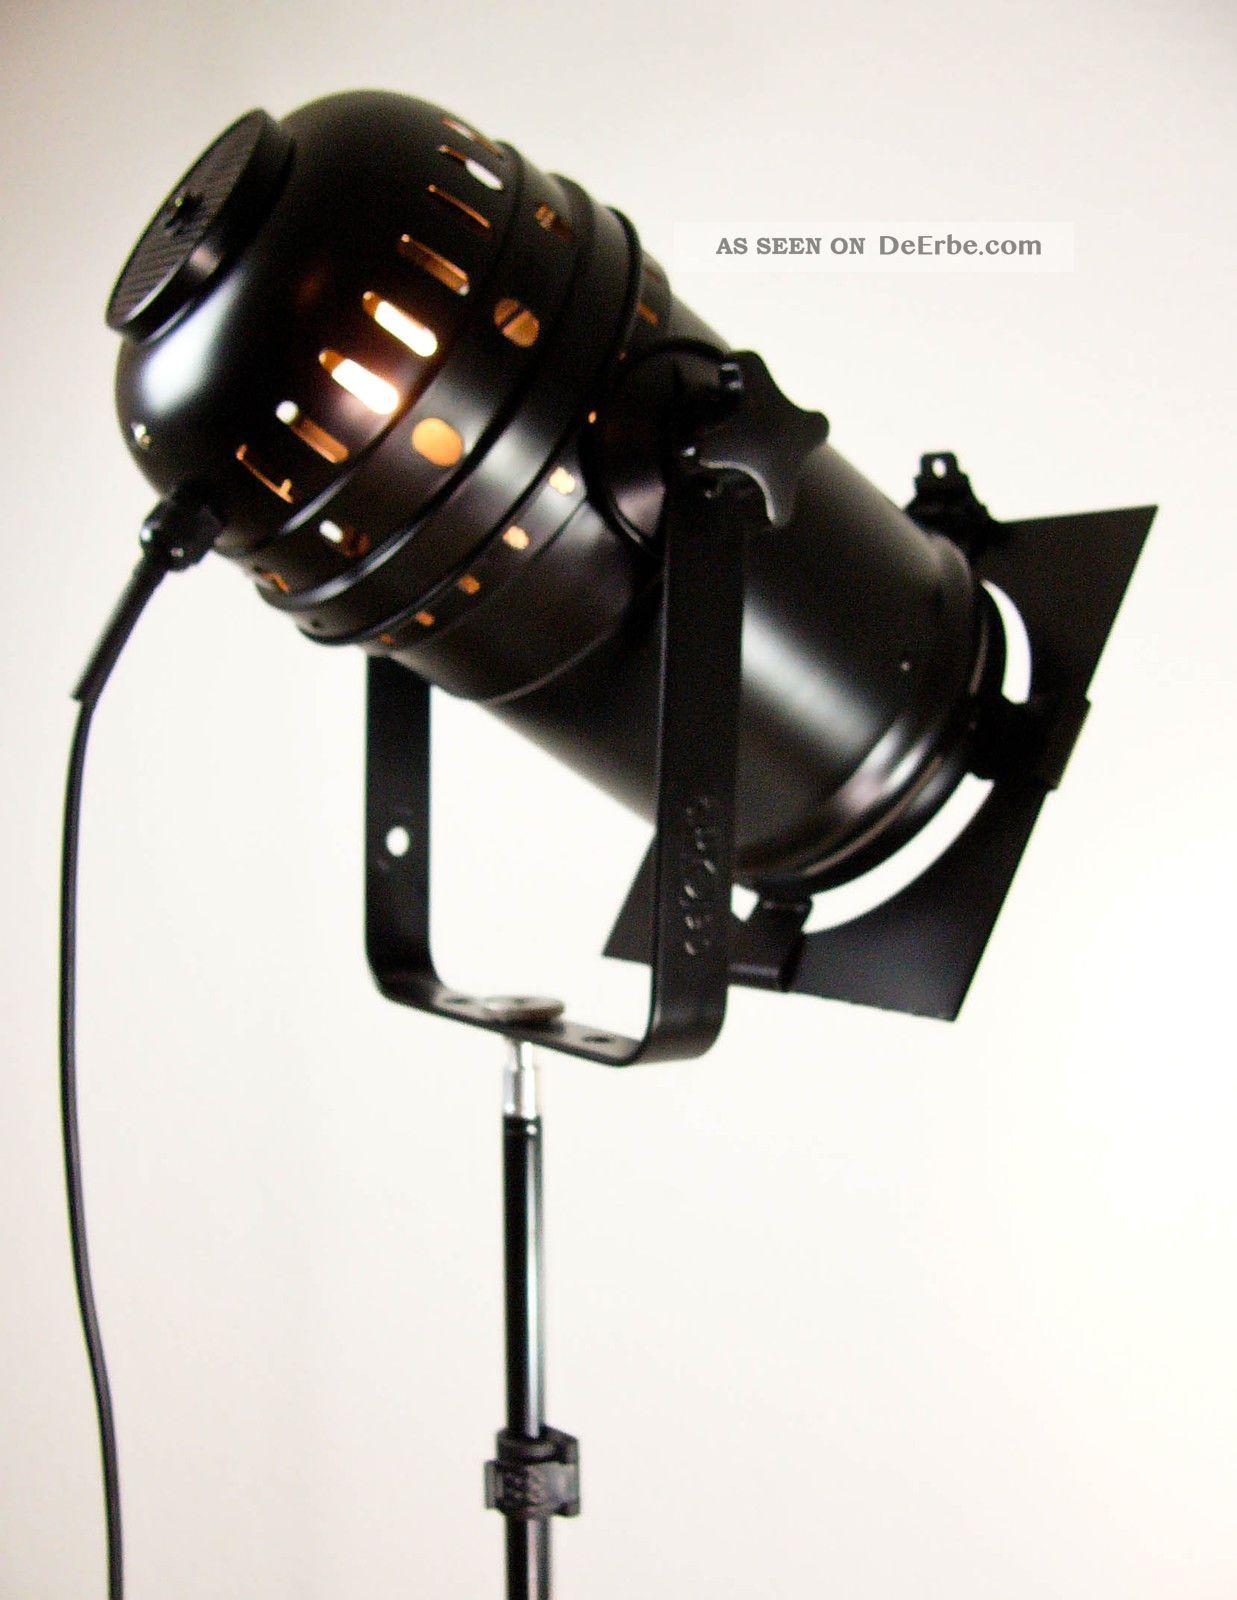 tripod dreibein stehlampe theater scheinwerfer stativ. Black Bedroom Furniture Sets. Home Design Ideas